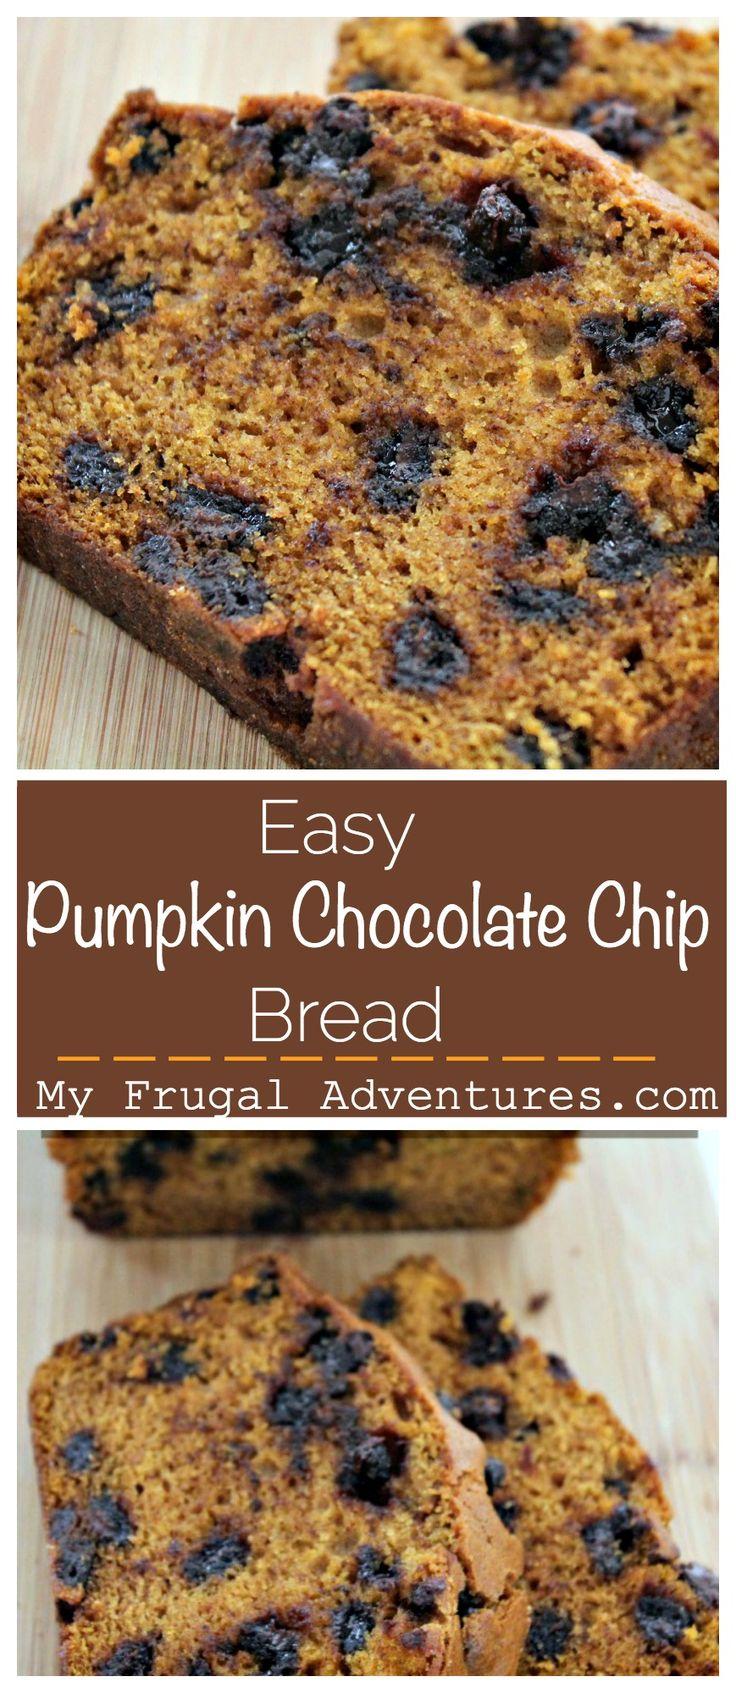 Delicious Pumpkin Chocolate Chip Bread